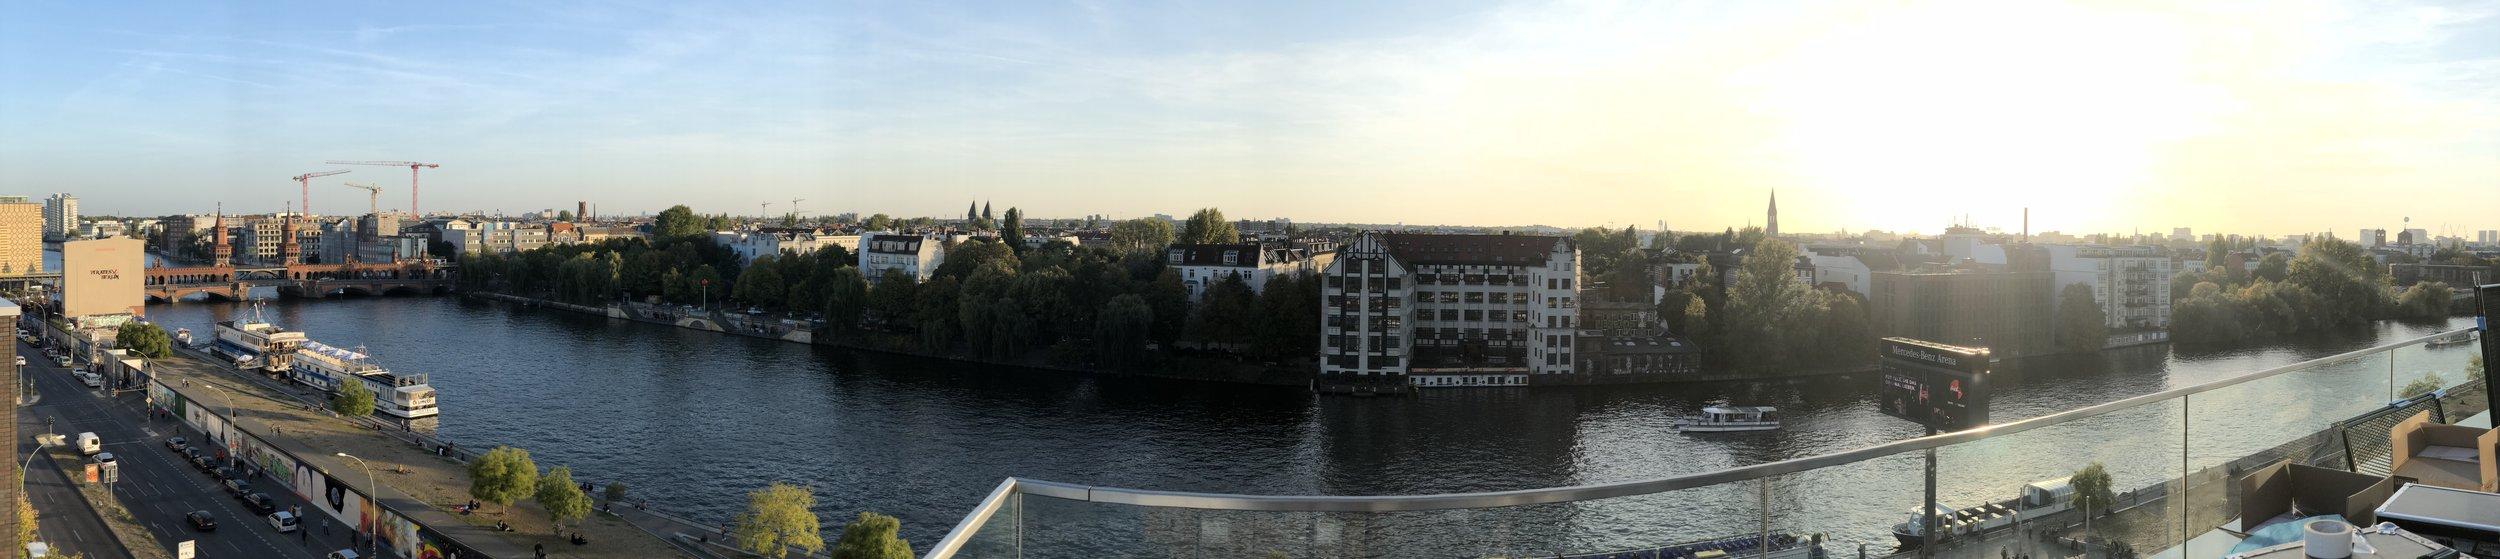 Panoramablick von Oberbaumbrücke bis zum Alexanderplatz